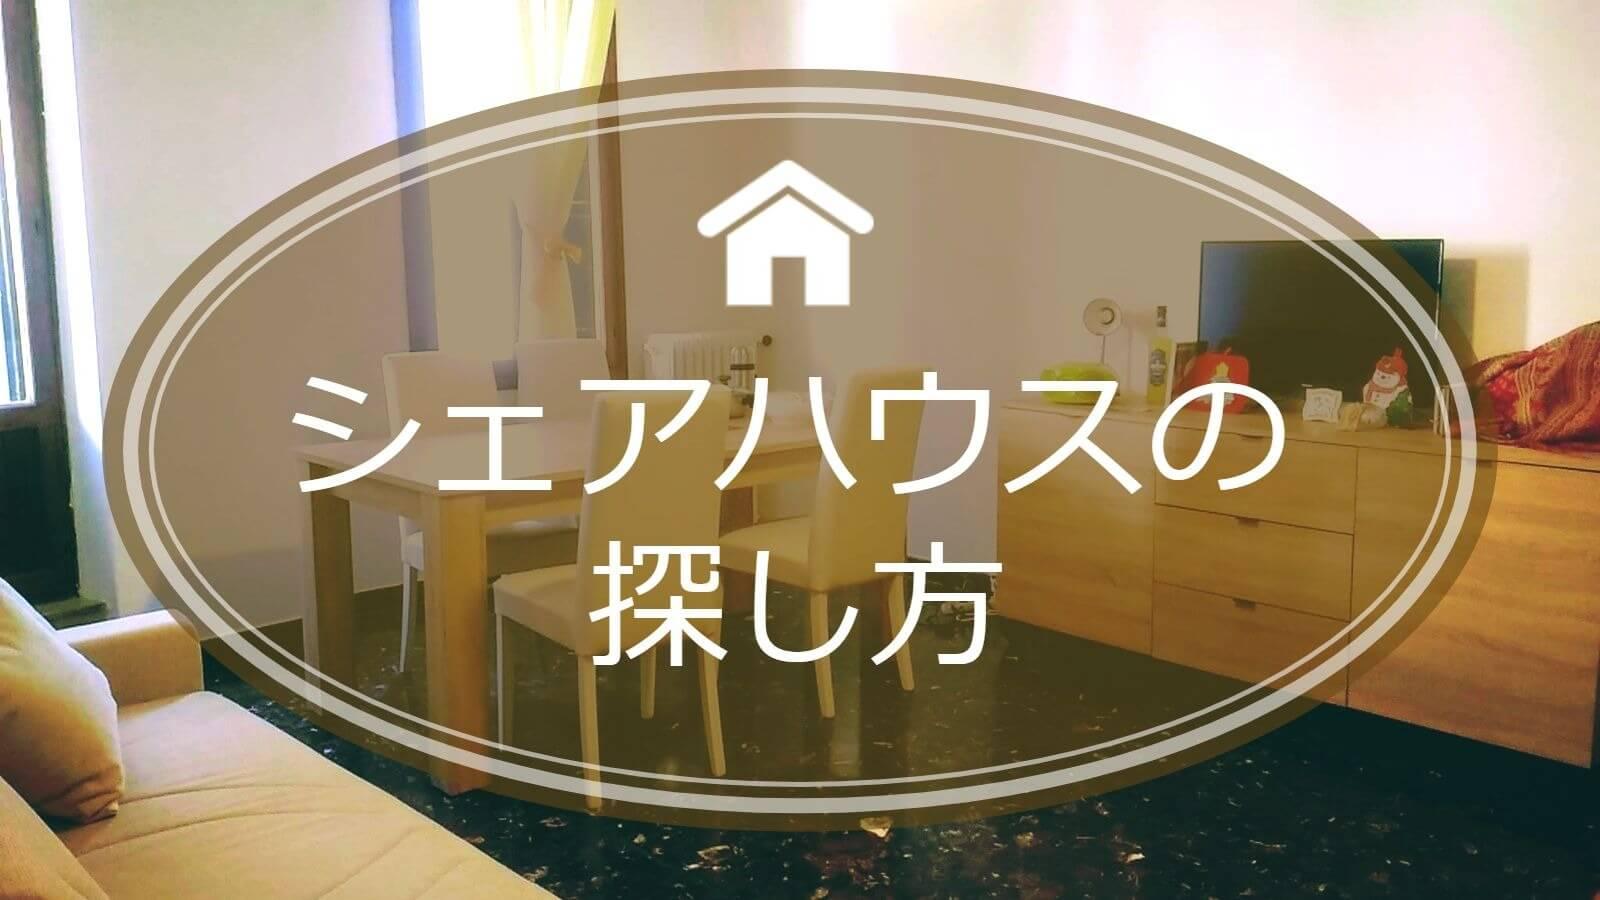 【海外留学】シェアハウスの探し方【ワーホリ】